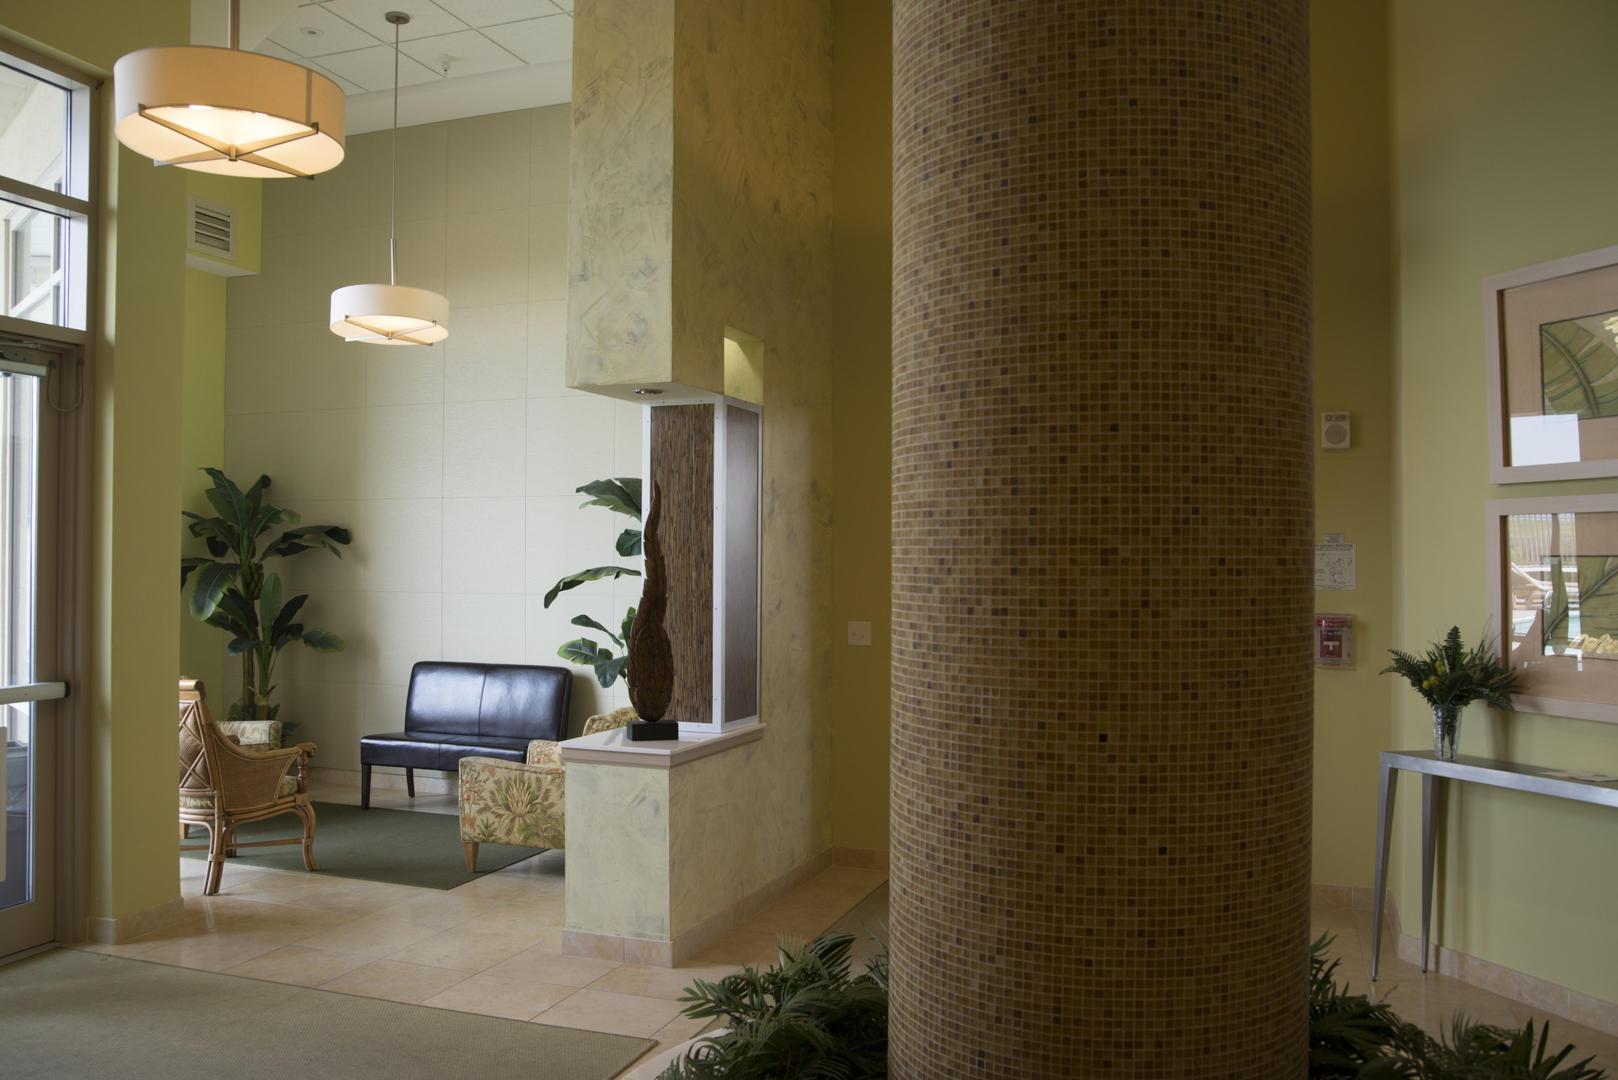 Rivendell - Lobby Area